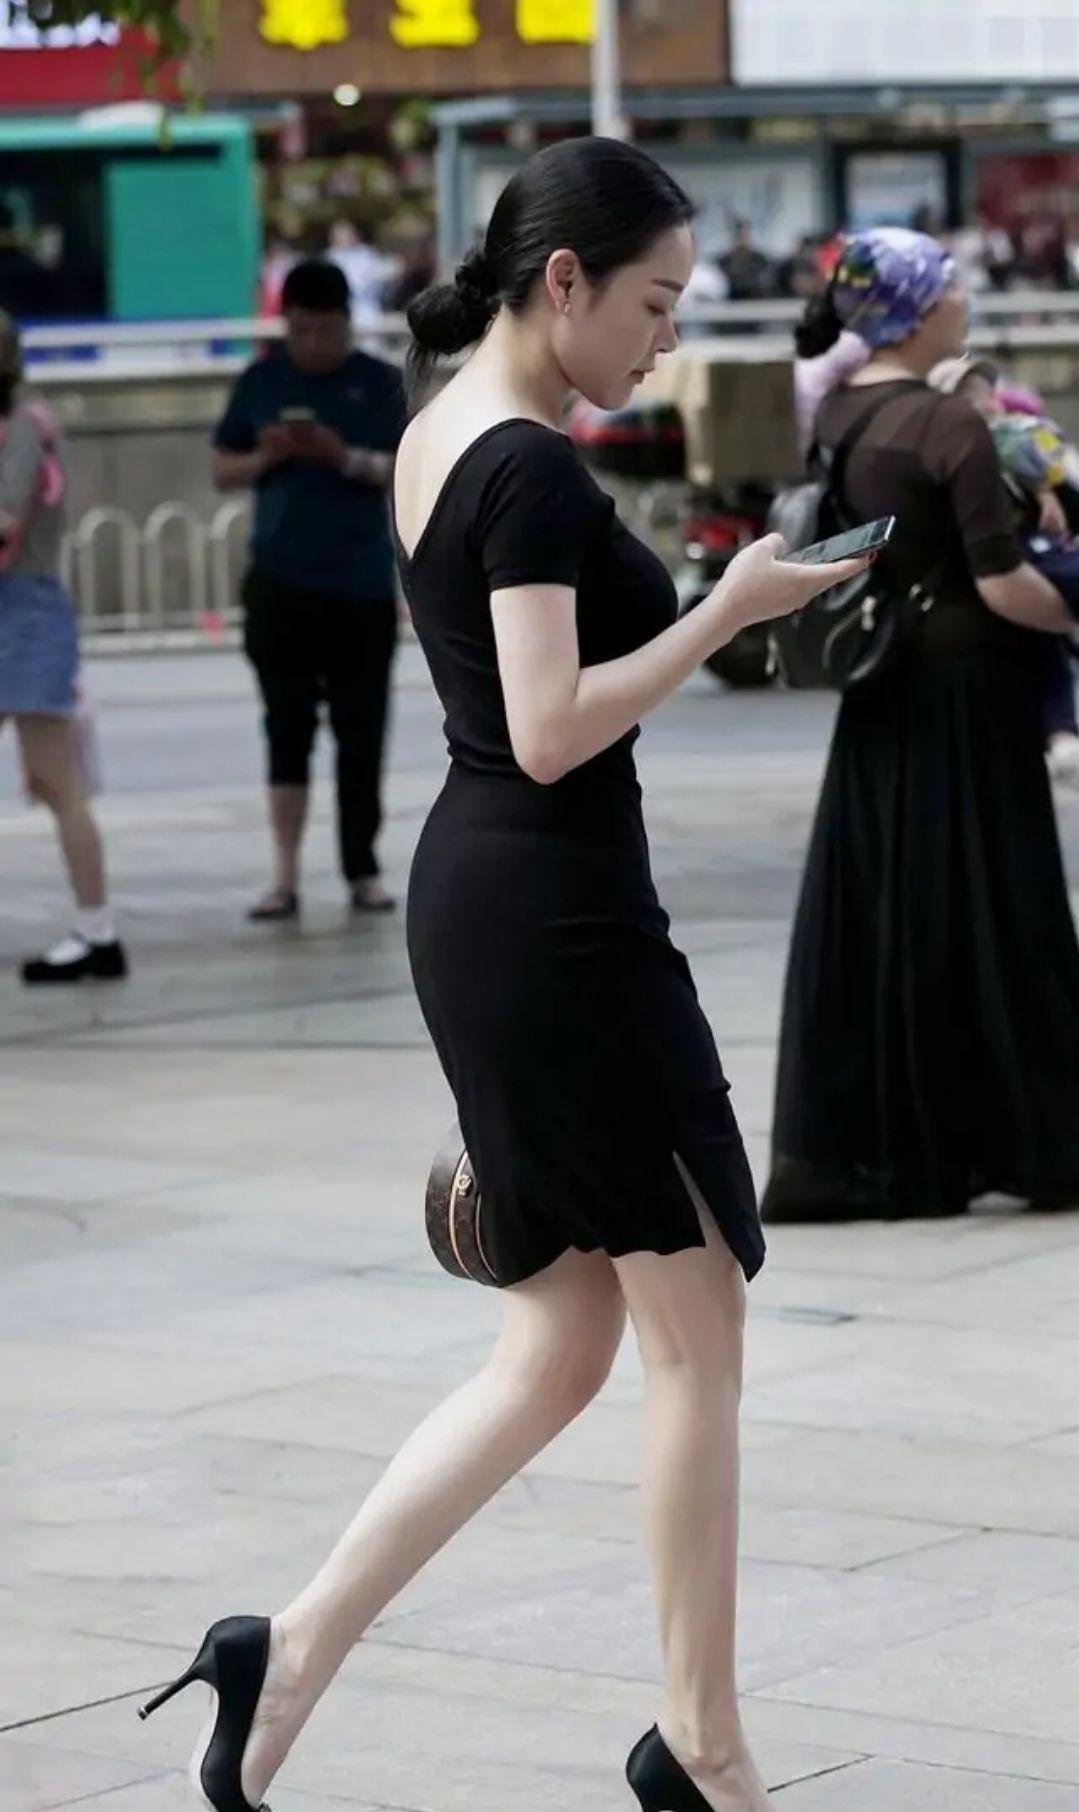 街拍:小黑裙的魅力你知道吗?美女穿上沉稳大气,经典时尚又百搭